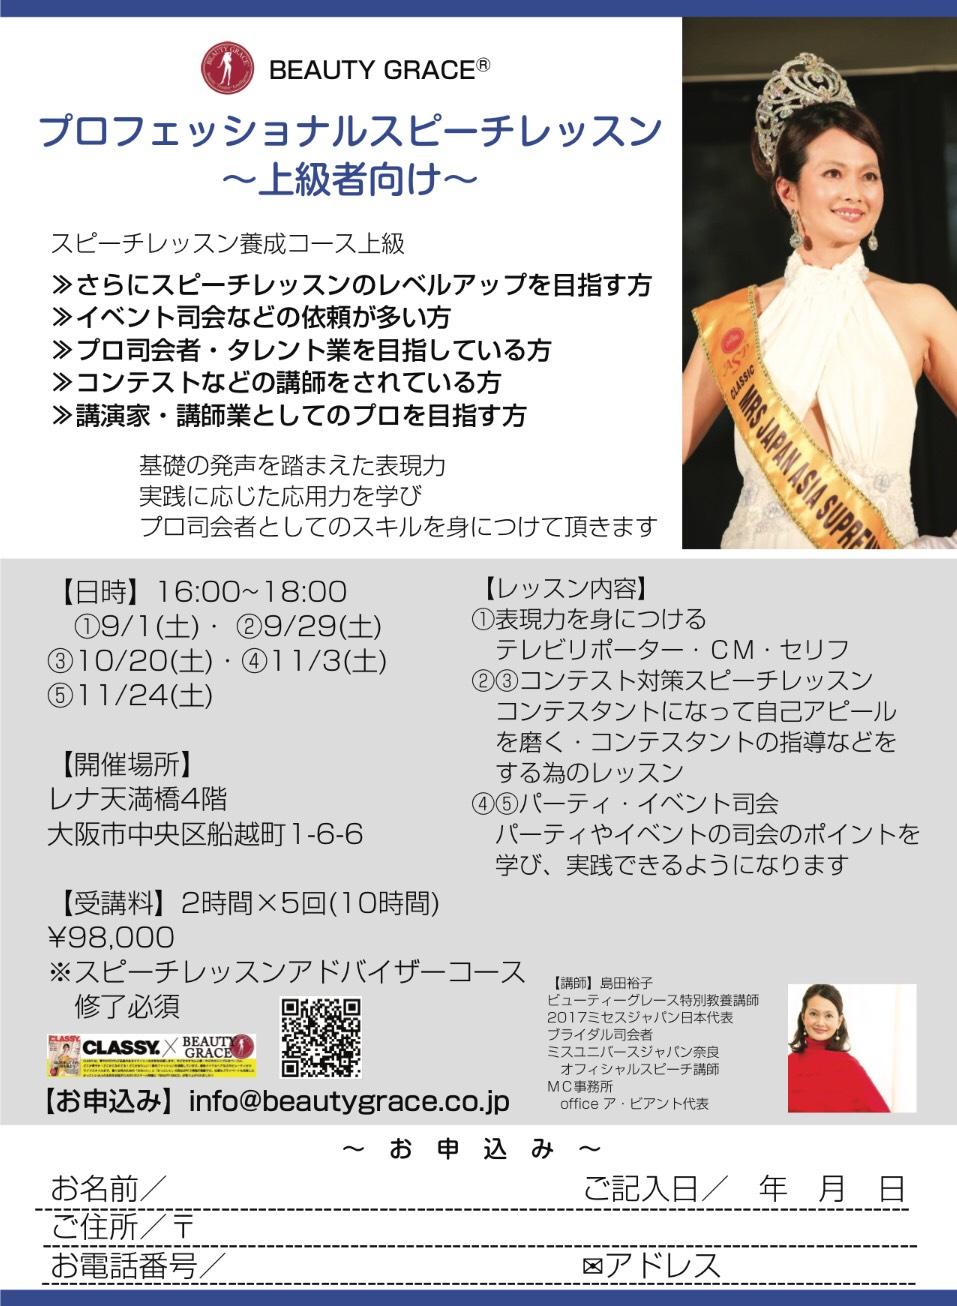 【京都開催】プロフェッショナルスピーチレッスン上級者向け /講師 島田裕子